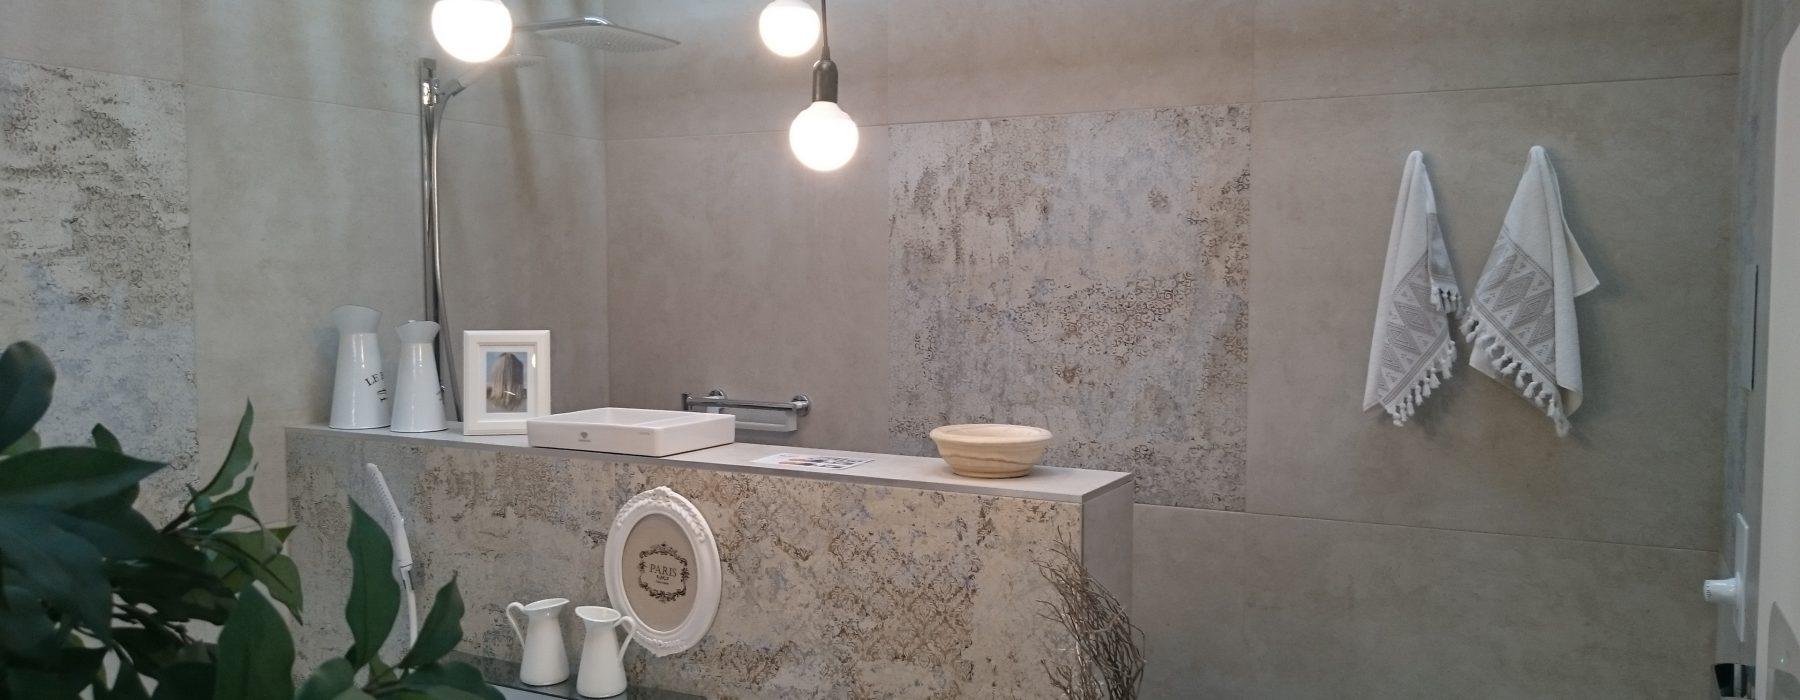 Bad mit Wanne und Dusche hinter halbhohem Raumteiler verfliest mit Großformat-Fliesen